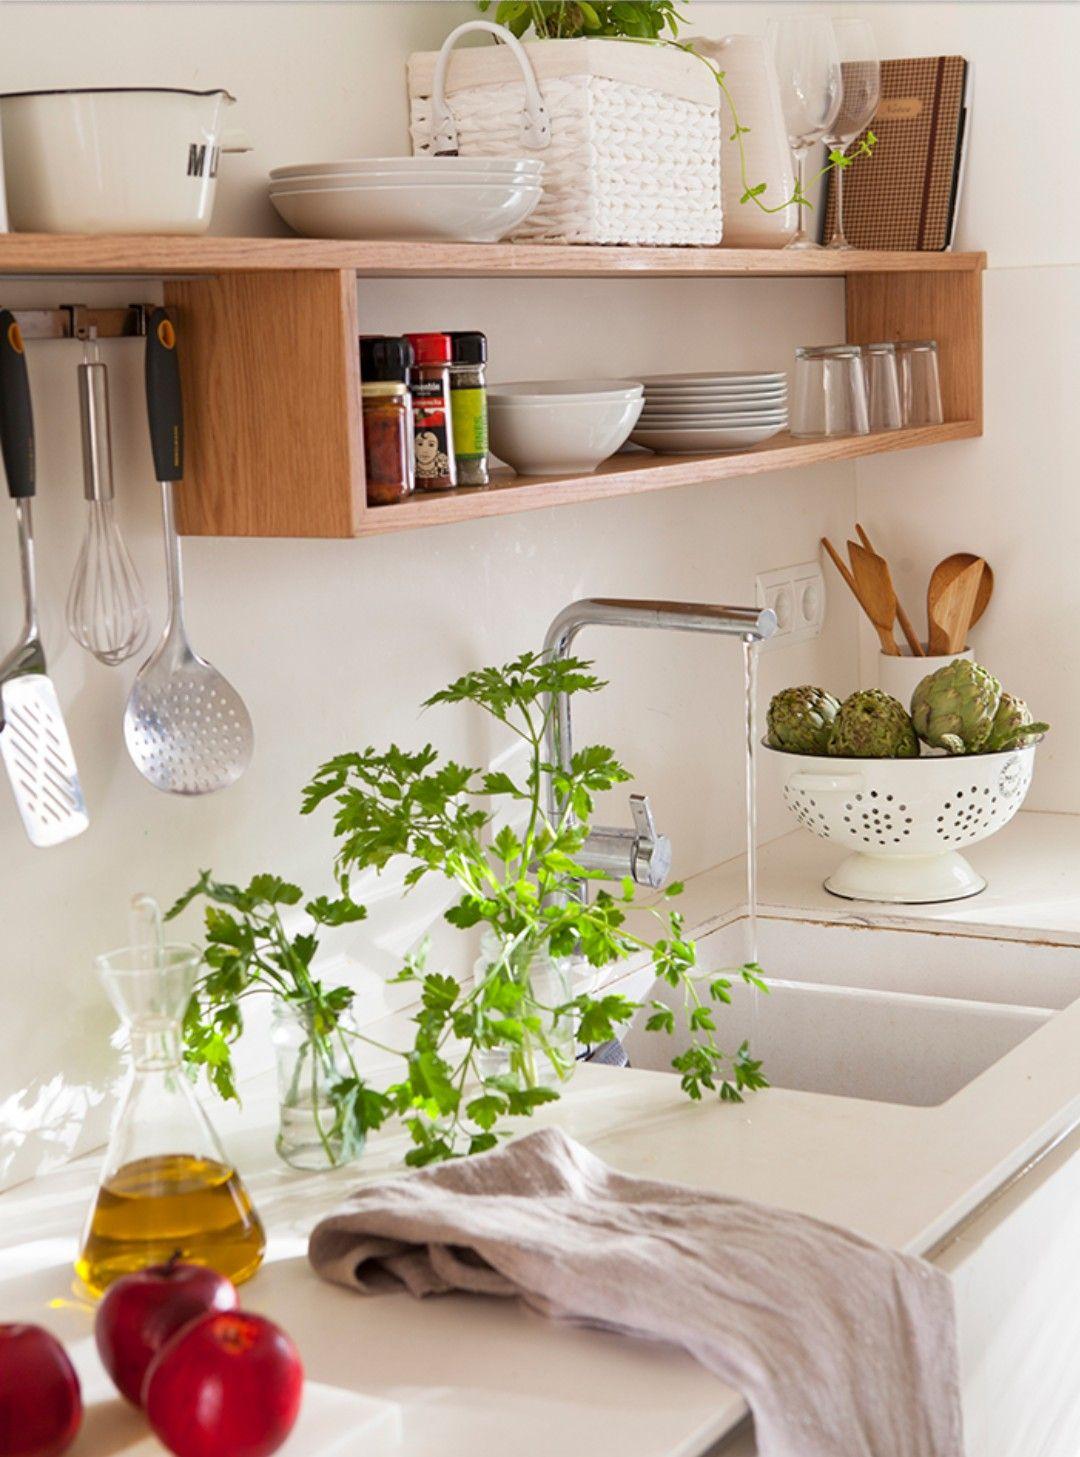 Una Cocina Sencilla Y Adorable Muebles De Cocinas Pequenas Decoracion De Cocina Decoracion De Cocinas Sencillas